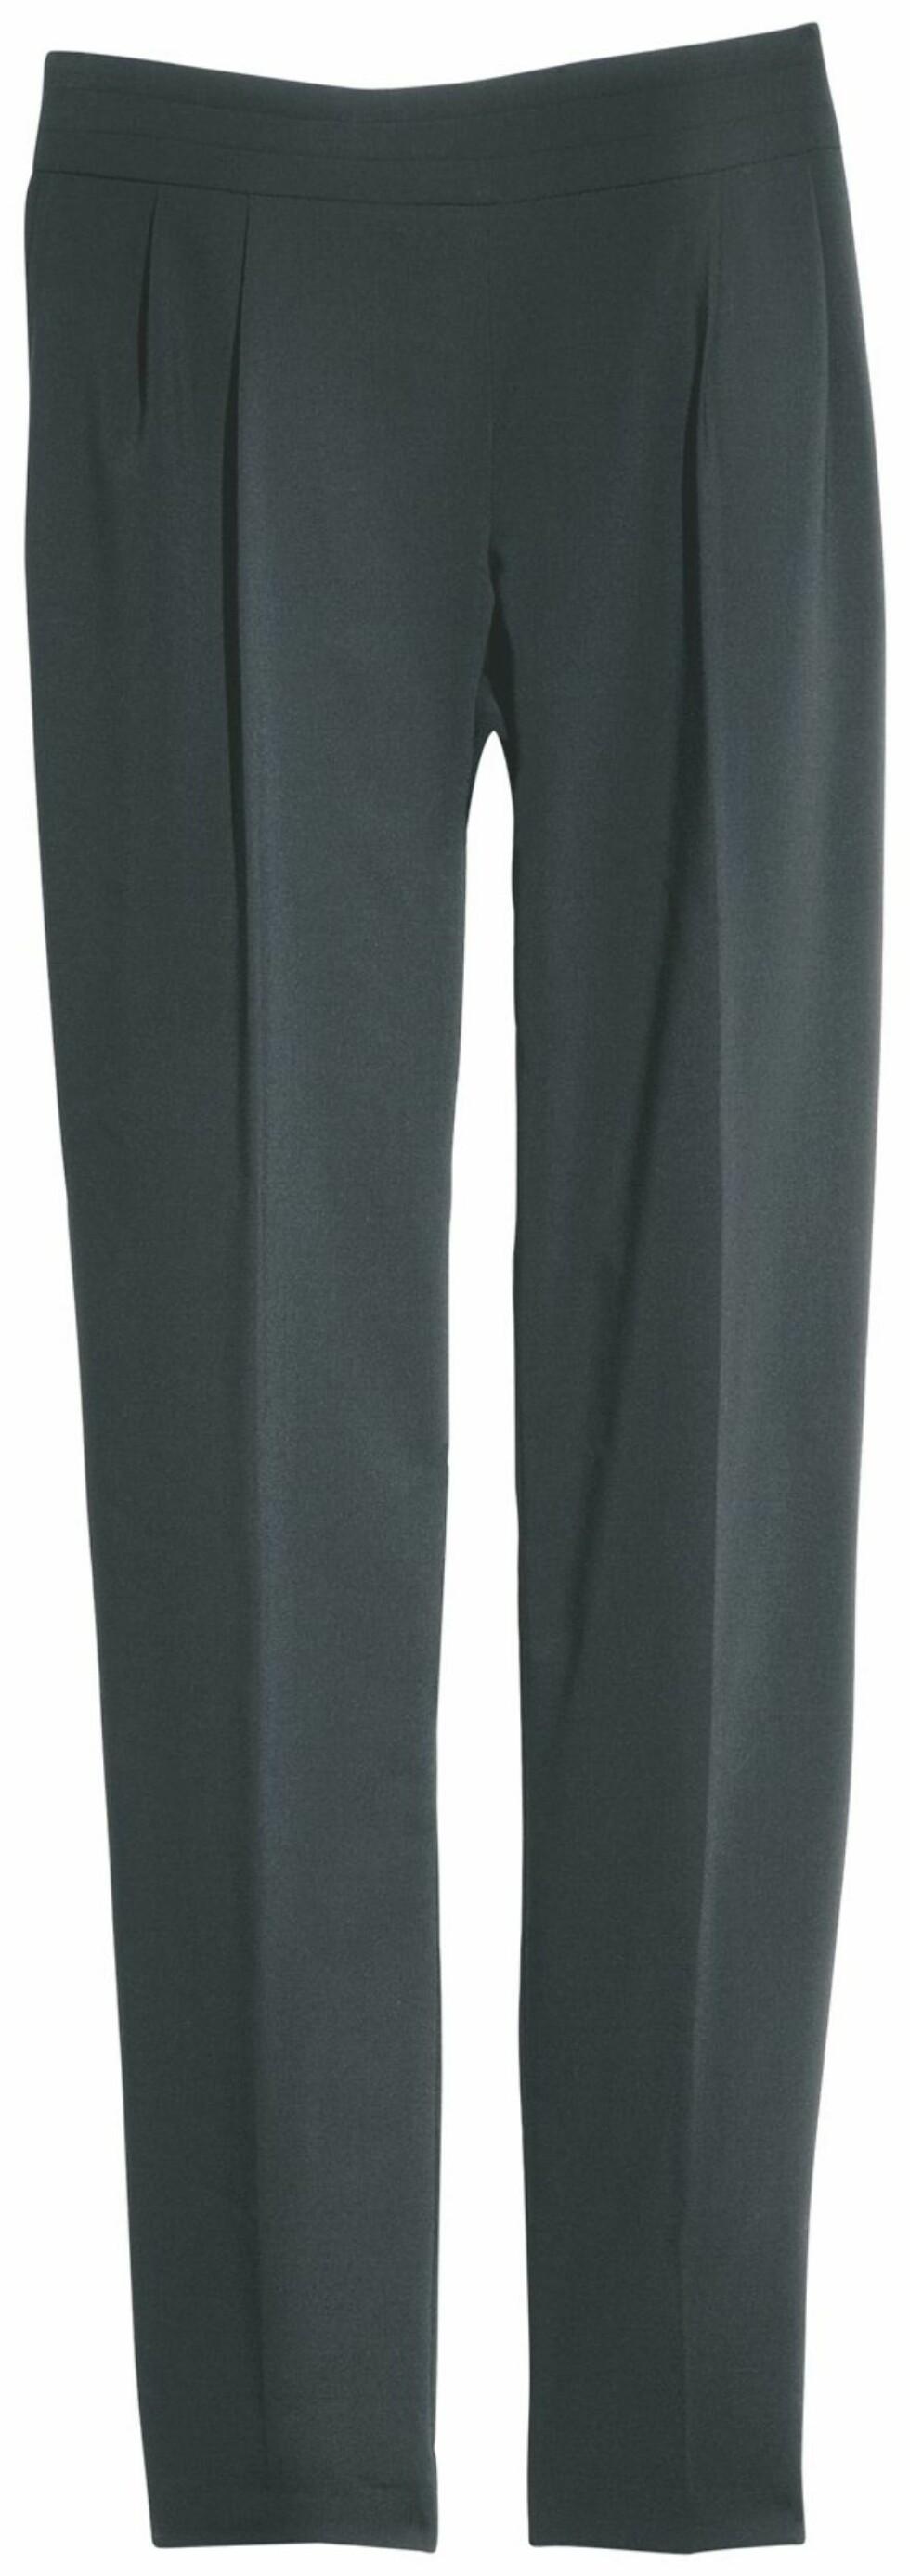 Elegante bukser med press (kr 300, H&M).